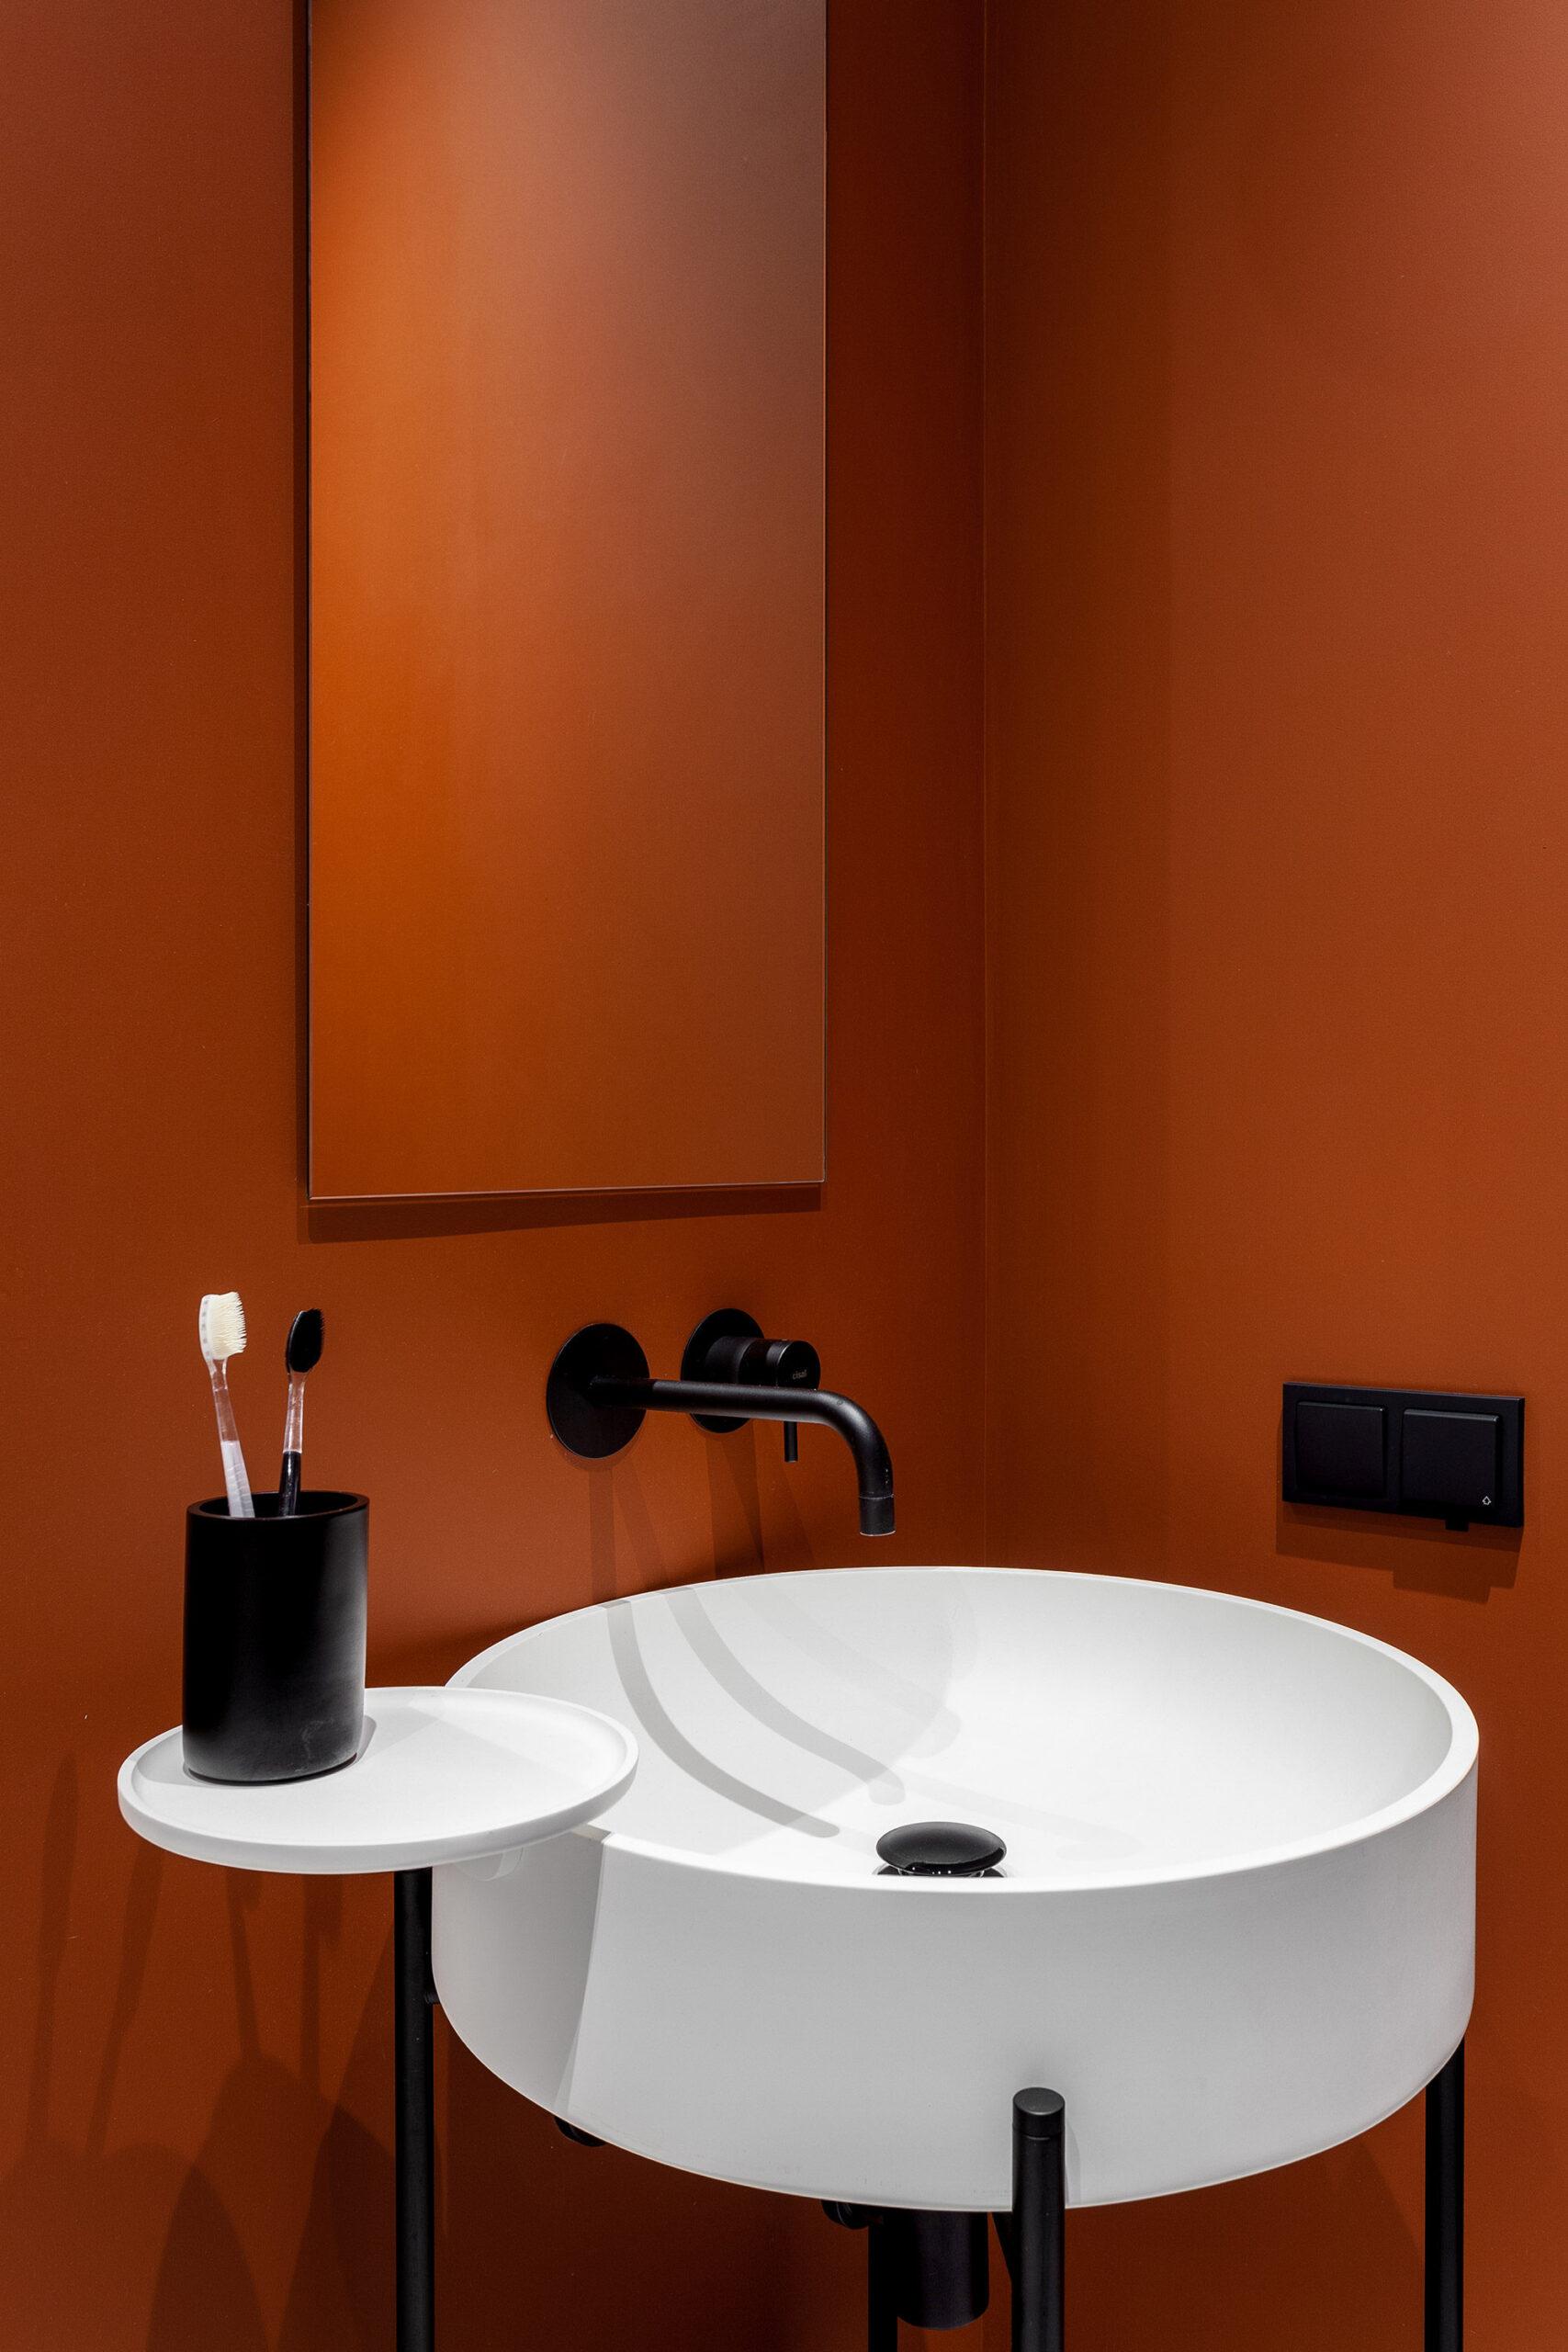 Pereți negrii mobilier din lemn și accente de orange într un apartament din Moscova 10 scaled